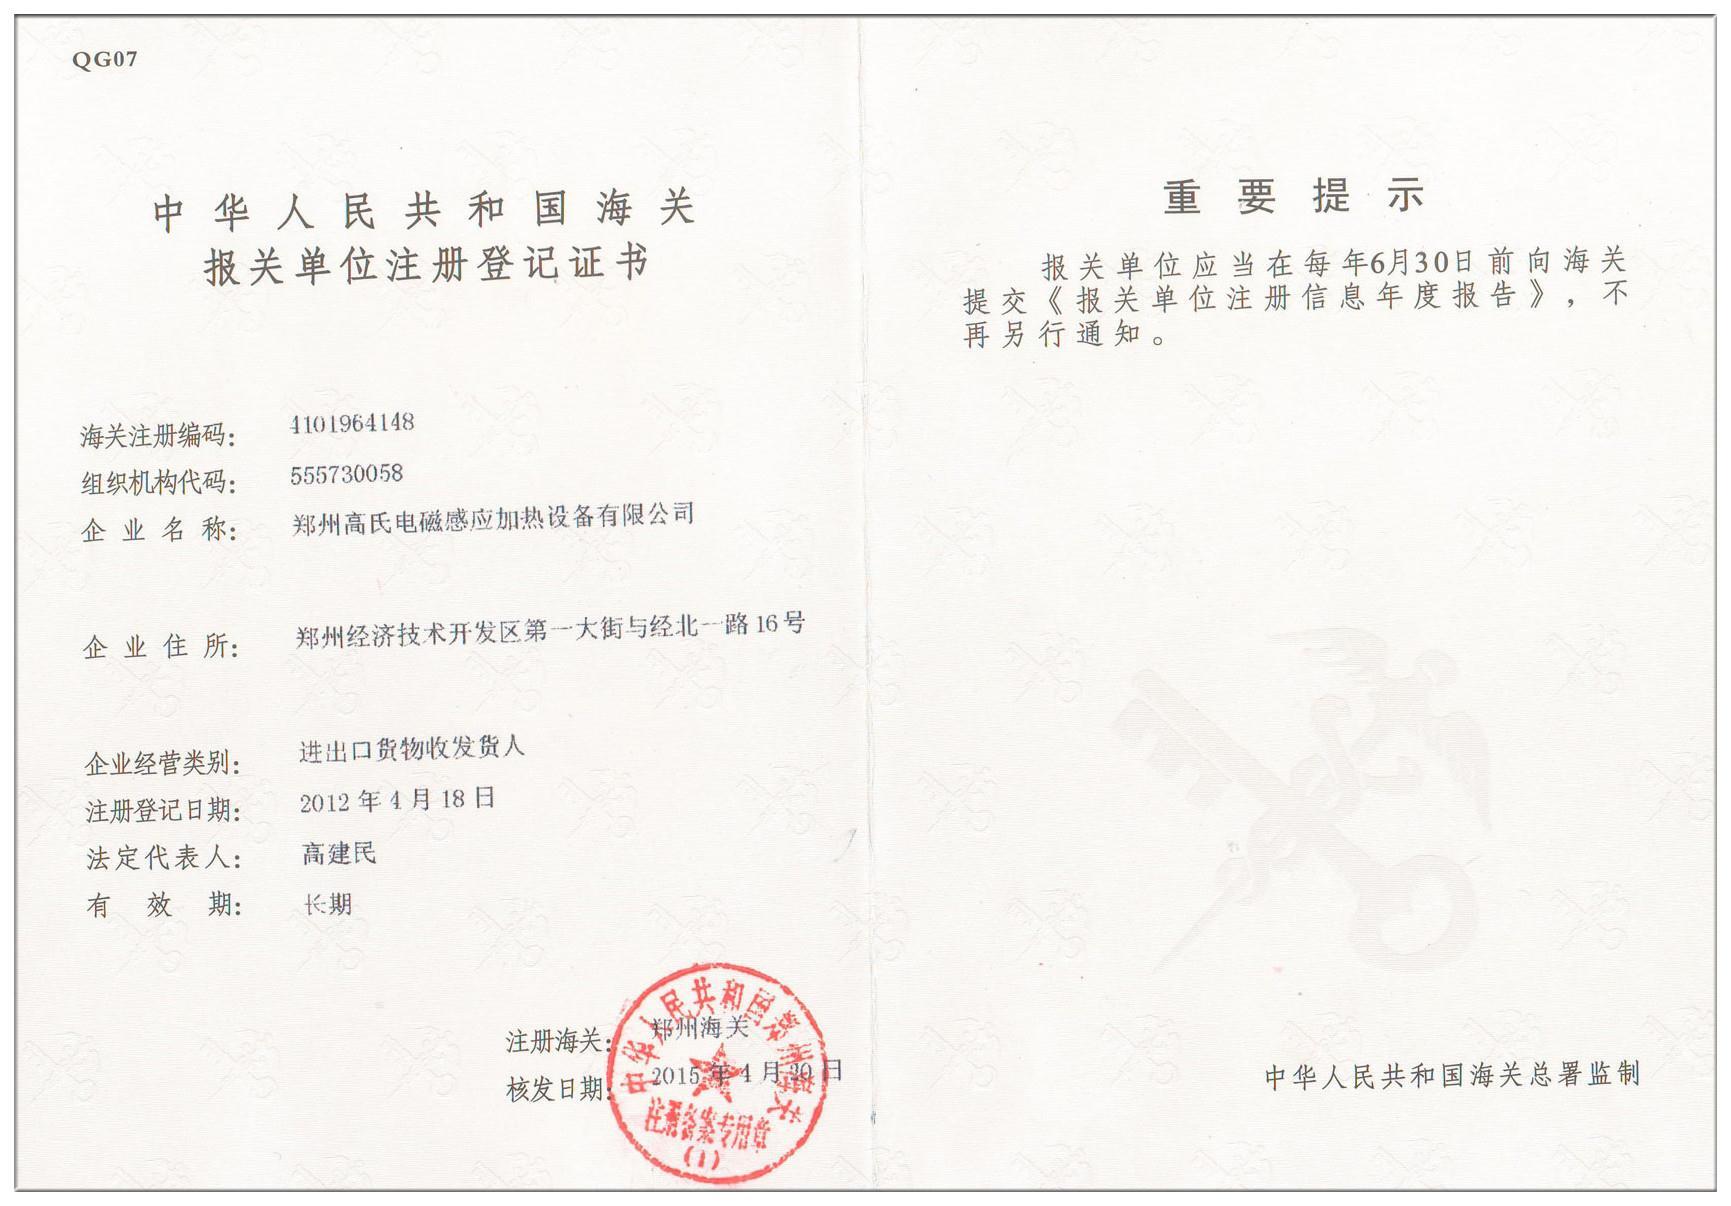 2016最新中华人民共和国海关出口货物报关单模板